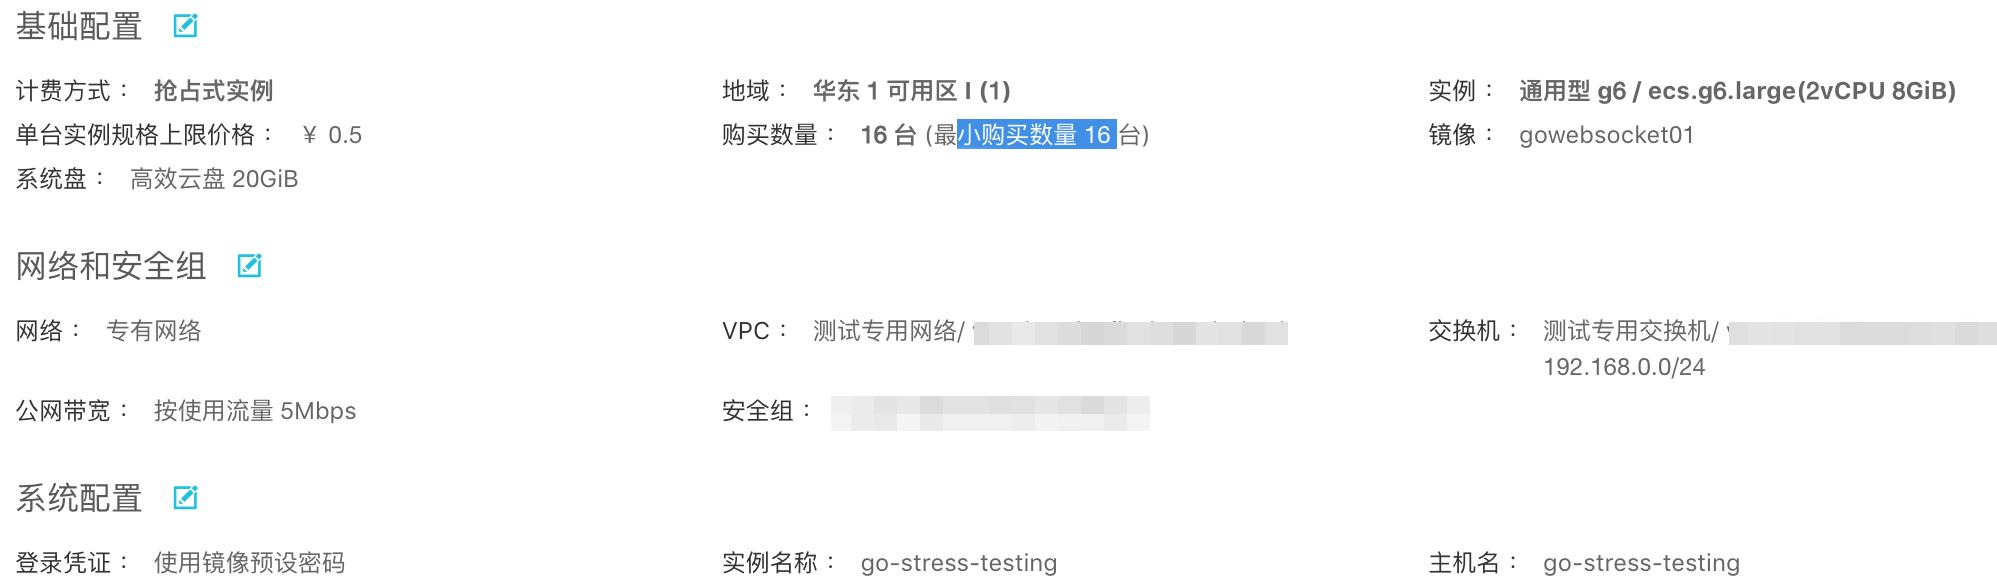 webSocket压测服务器